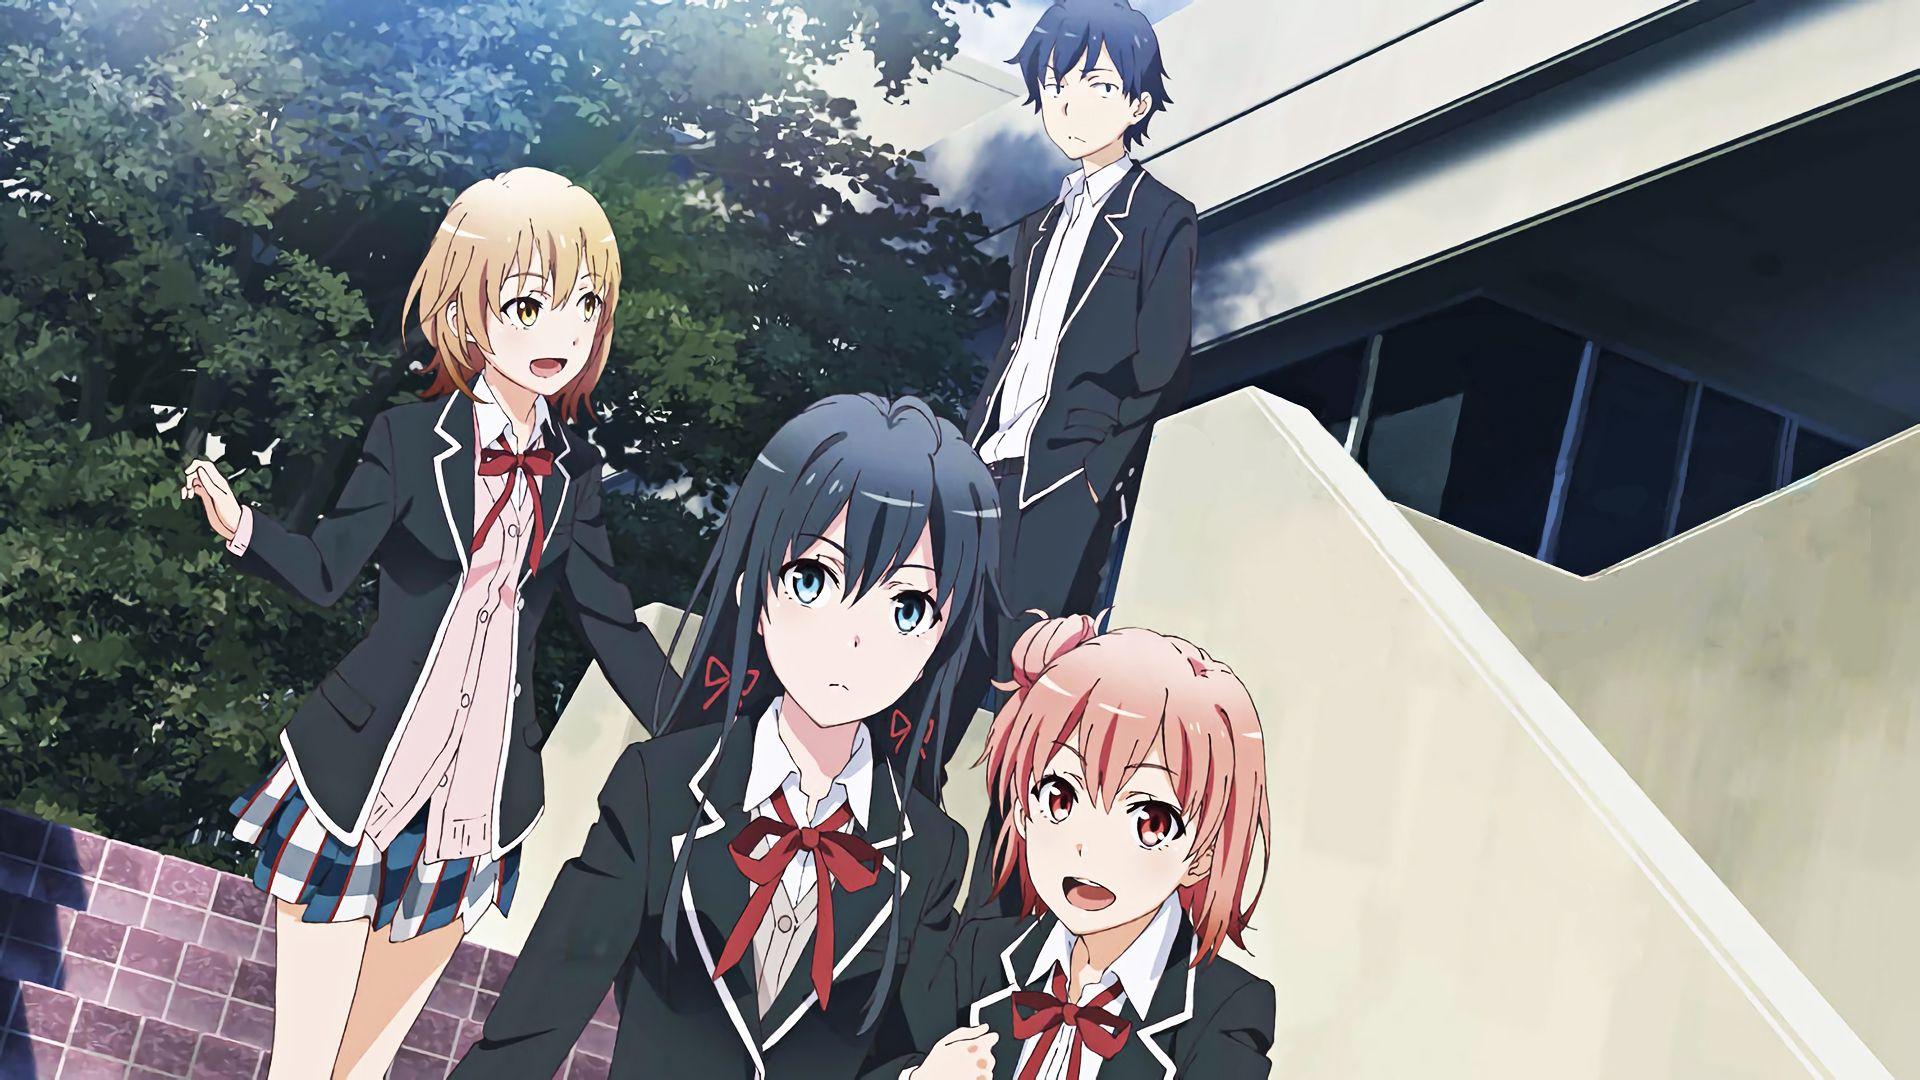 Anime My Teen Romantic Comedy Snafu Yukino Yukinoshita Hachiman